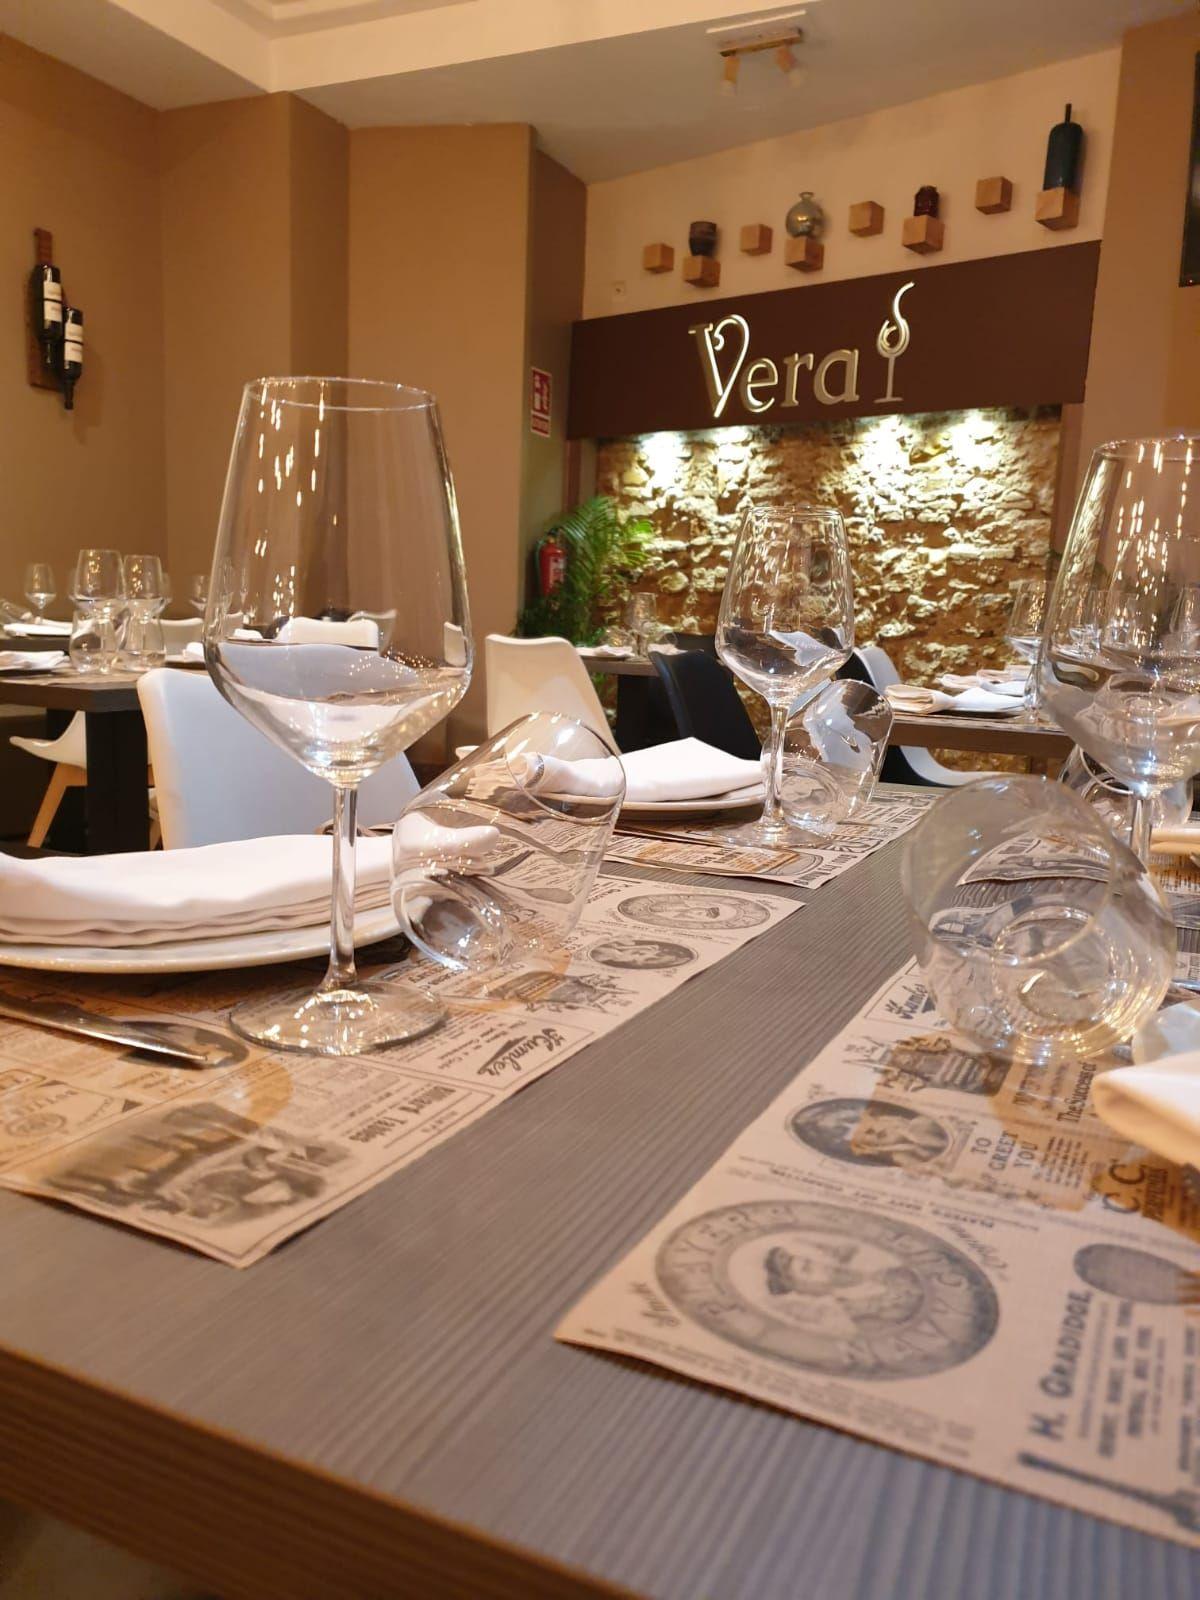 Foto 56 de Restaurante ecuatoriano en Valencia   Vera Restaurante